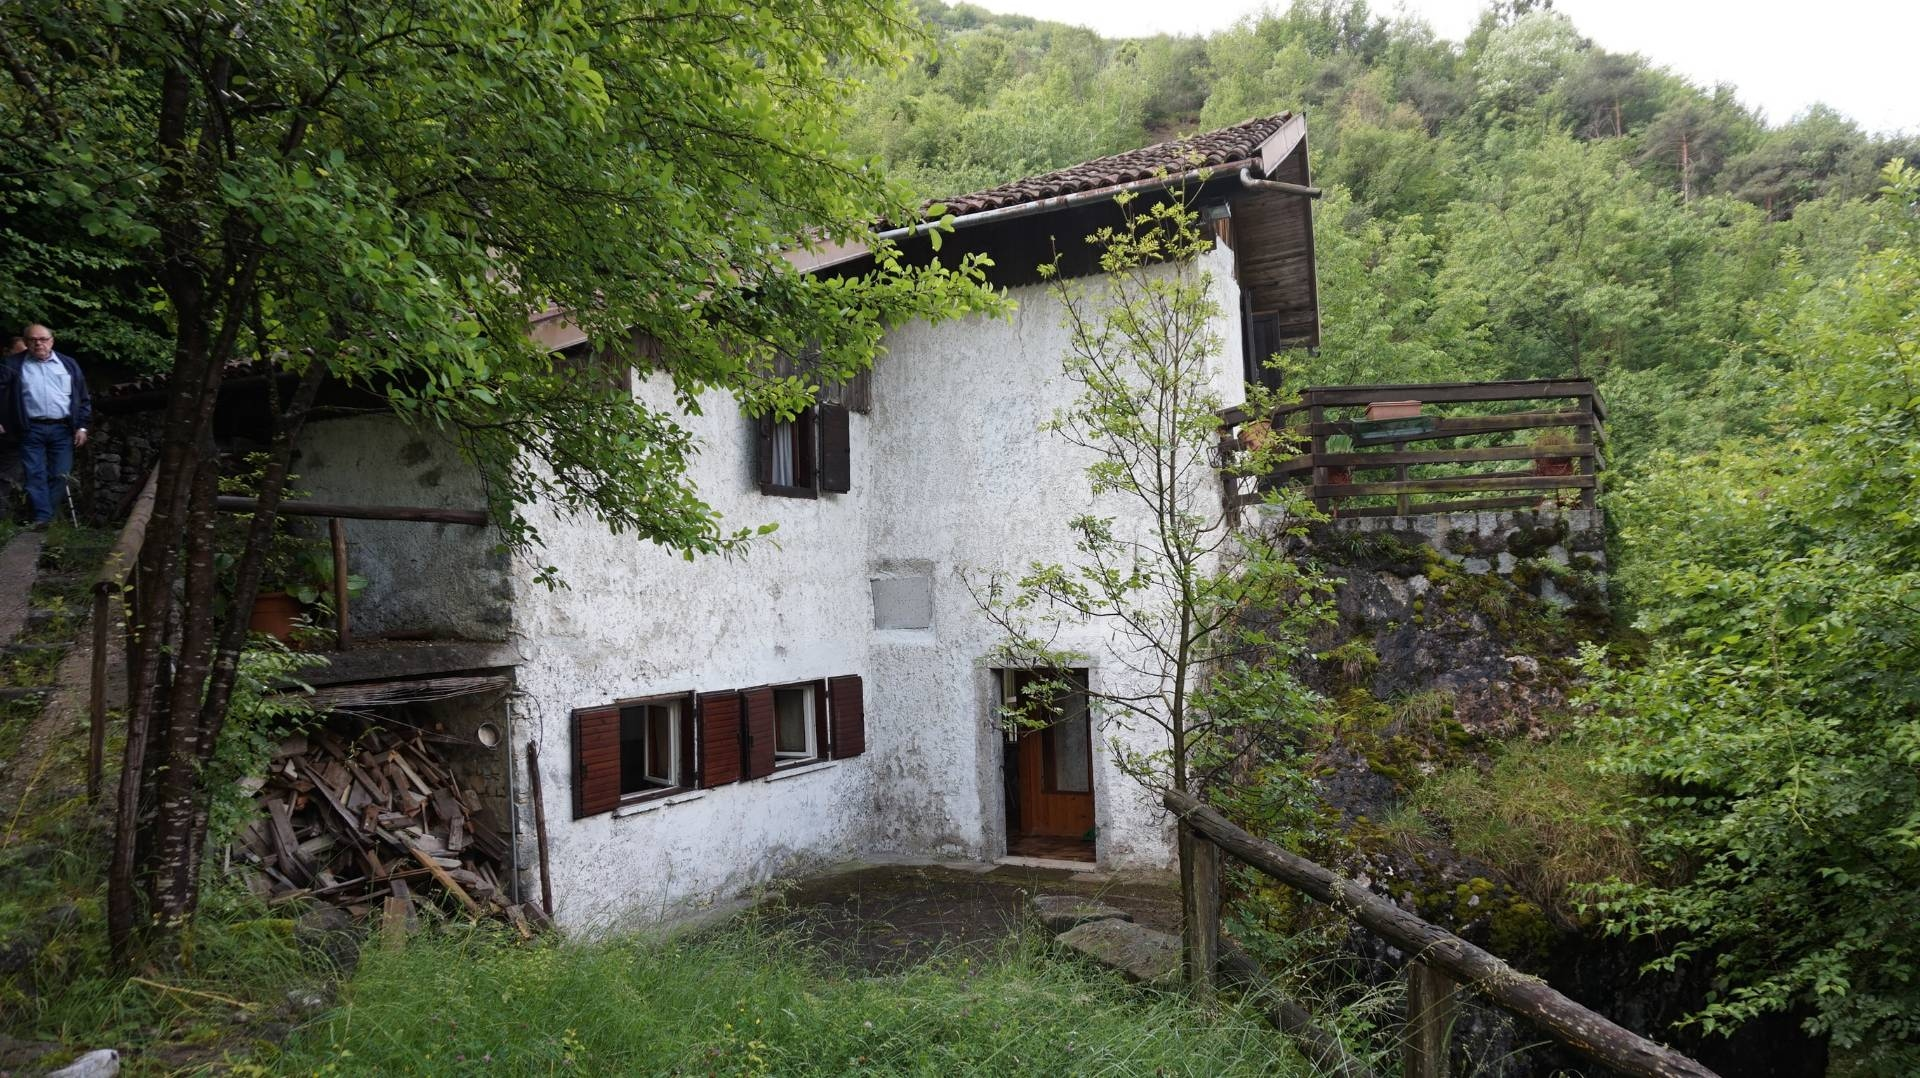 Rustico / Casale in vendita a Cimego, 4 locali, prezzo € 75.000 | CambioCasa.it